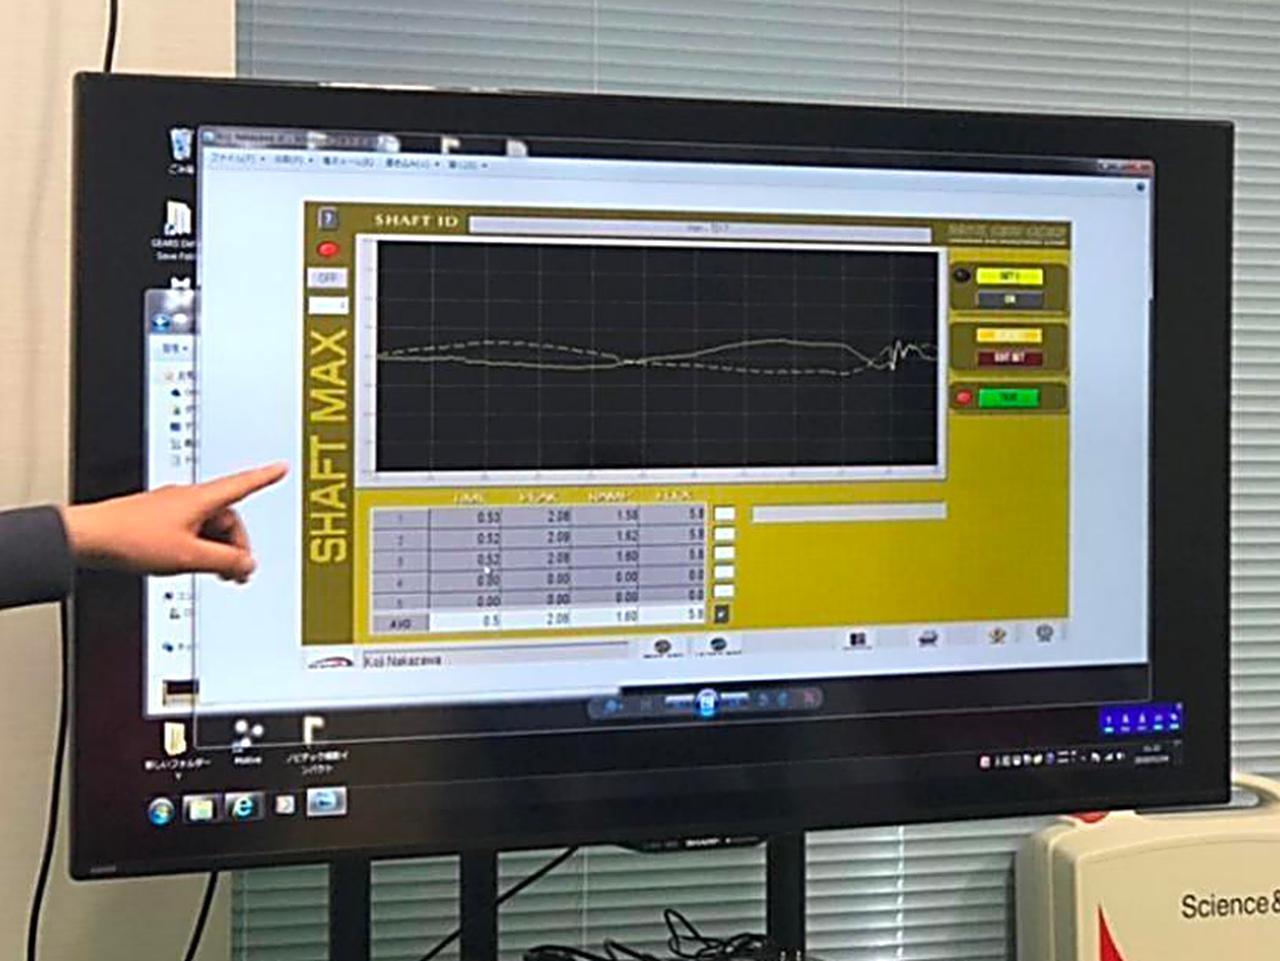 画像: 縦軸がシャフトへの負荷、横軸が時間を表す「シャフトマックス」の画面。この波形のパターンから、合うシャフトが判断できるという